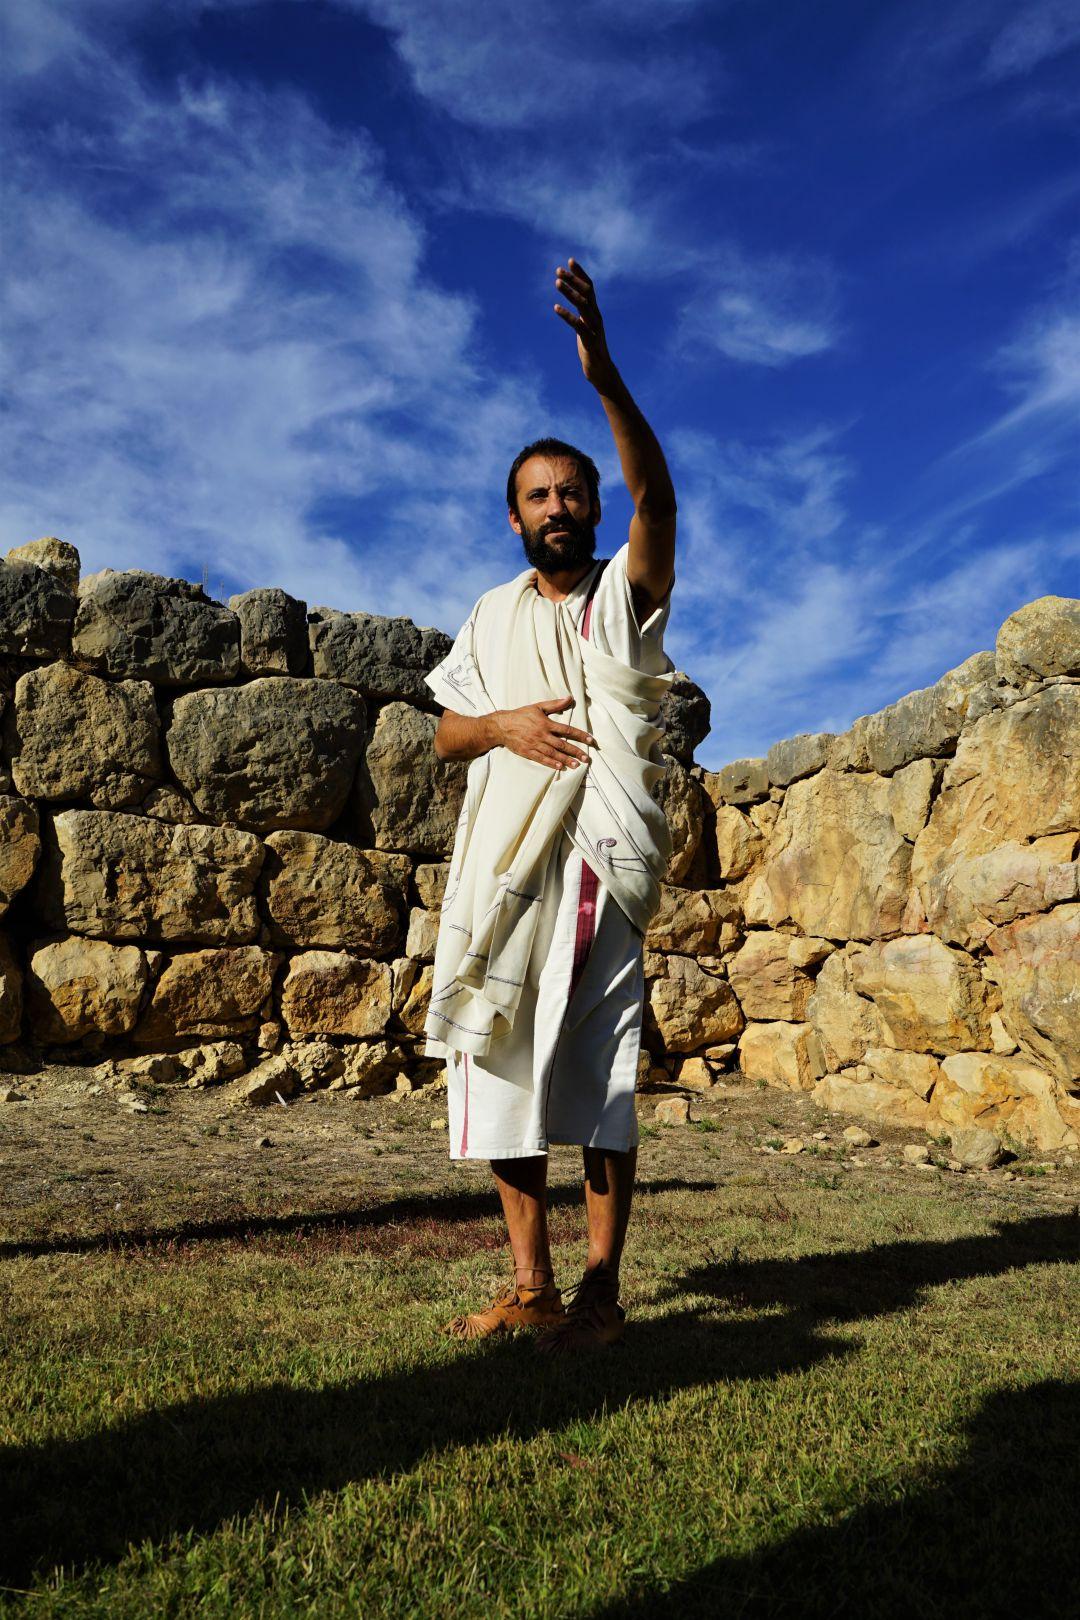 """Un guía grecolatino nos recibe a las puertas del yacimiento al grito de """"¡Salve!"""""""